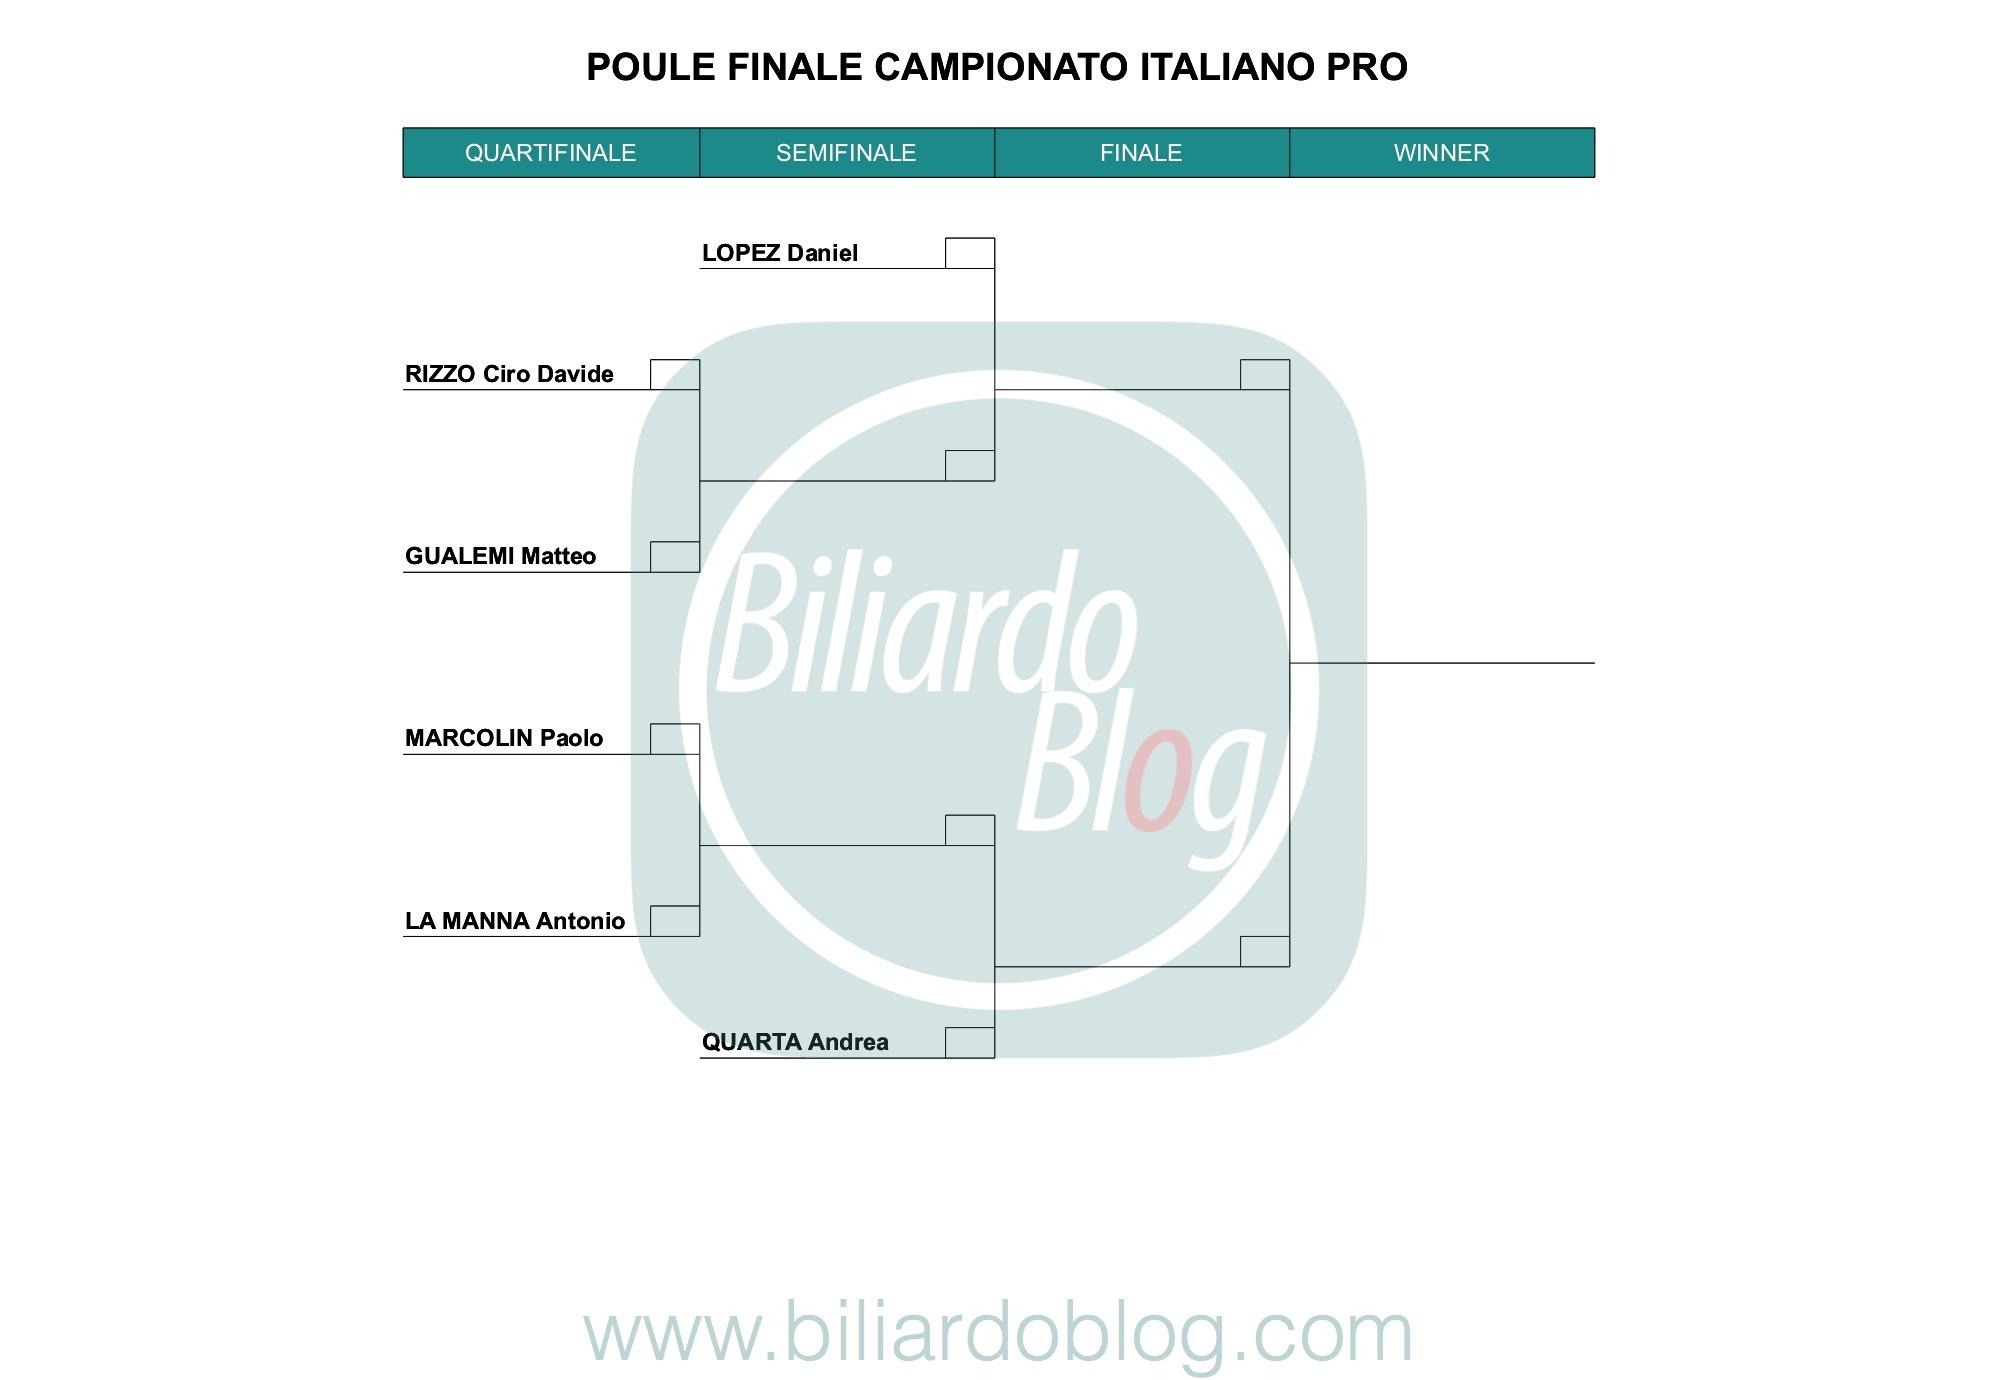 Le Finali del Campionato Italiano di Biliardo 2018 2019: Griglia dei Pro